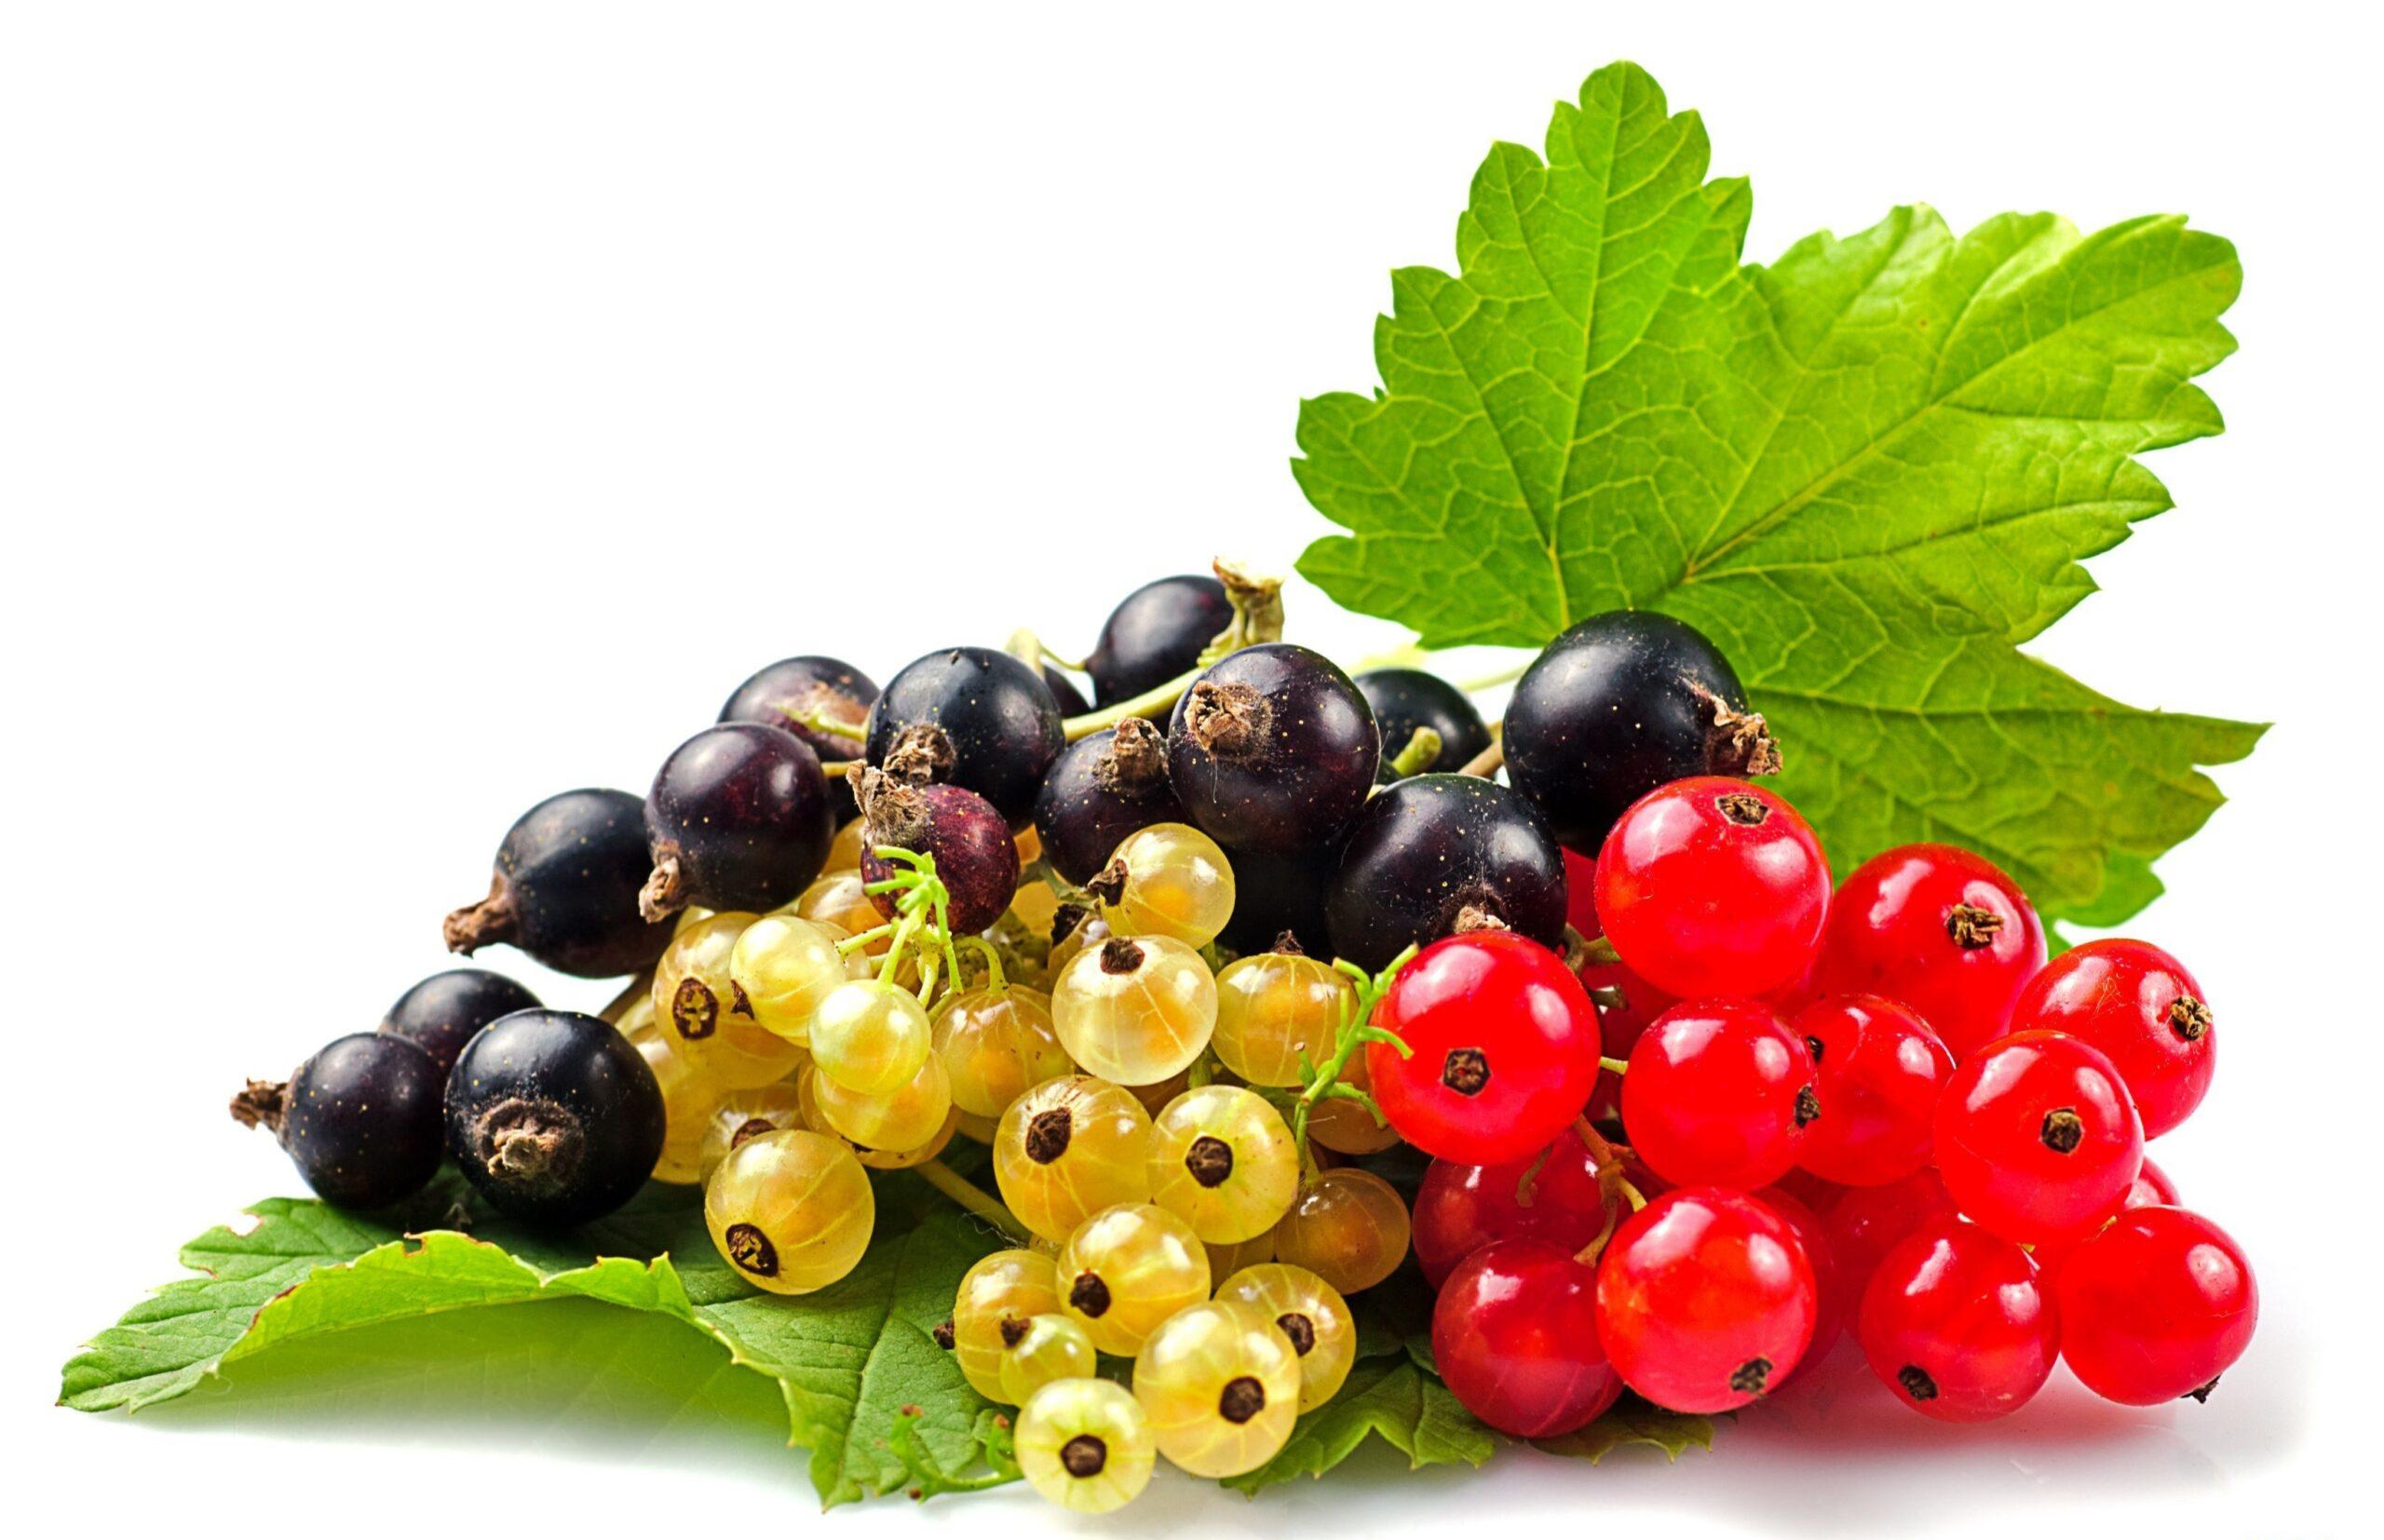 Qara və qırmızı qarağatın bu faydalarını bilirdiniz?